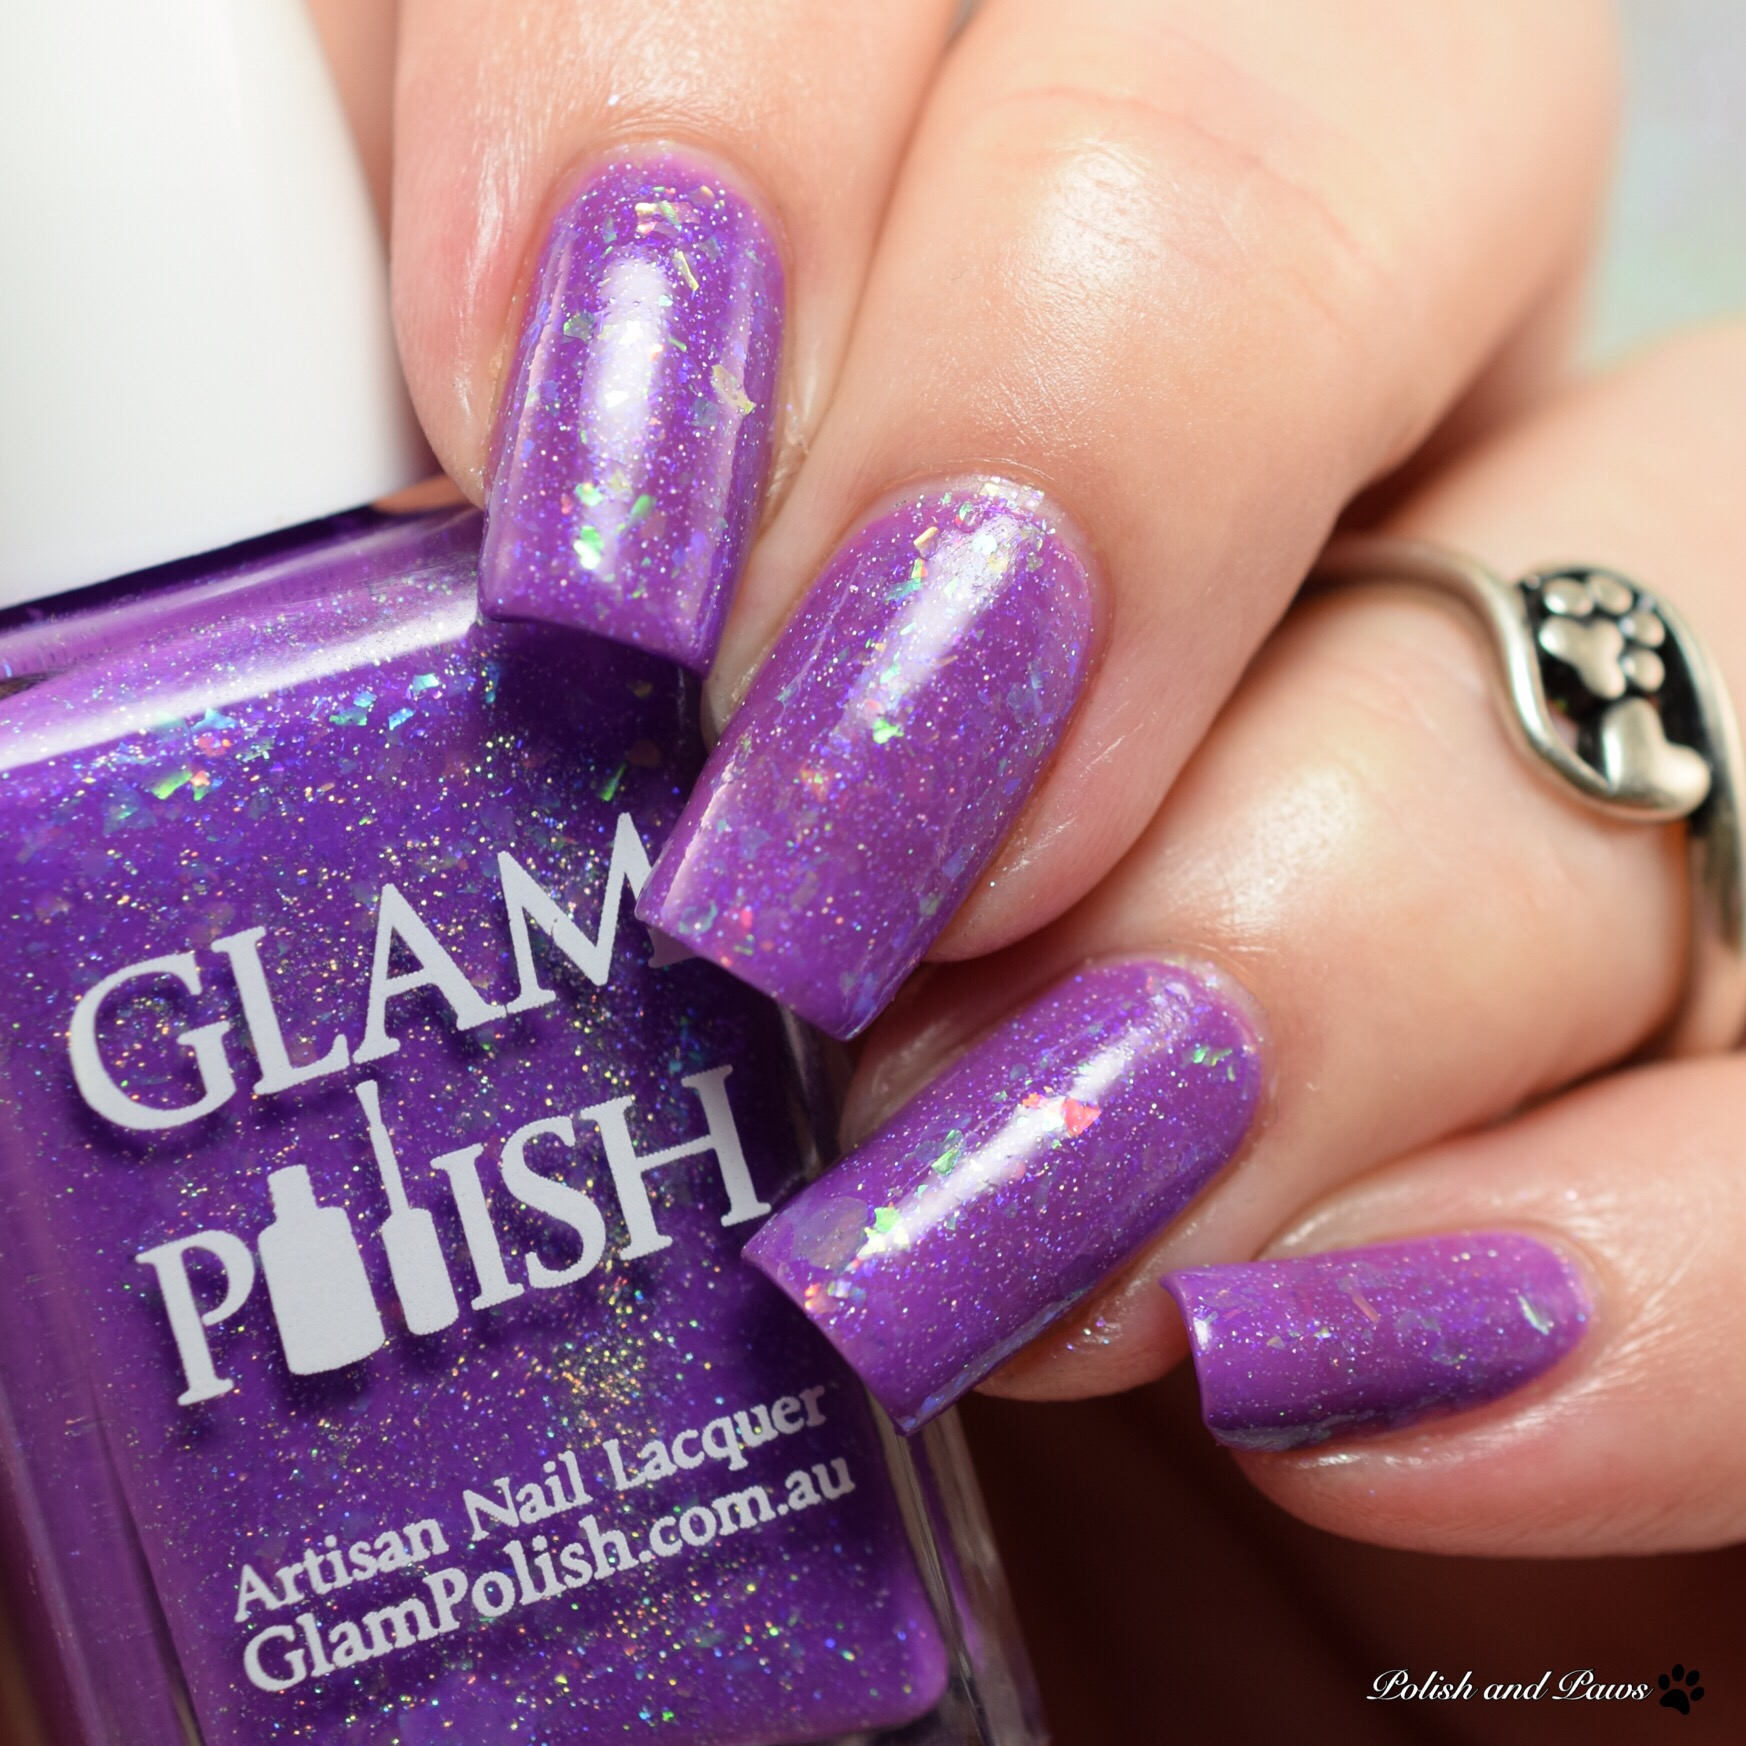 Glam Polish Oh Sandy!